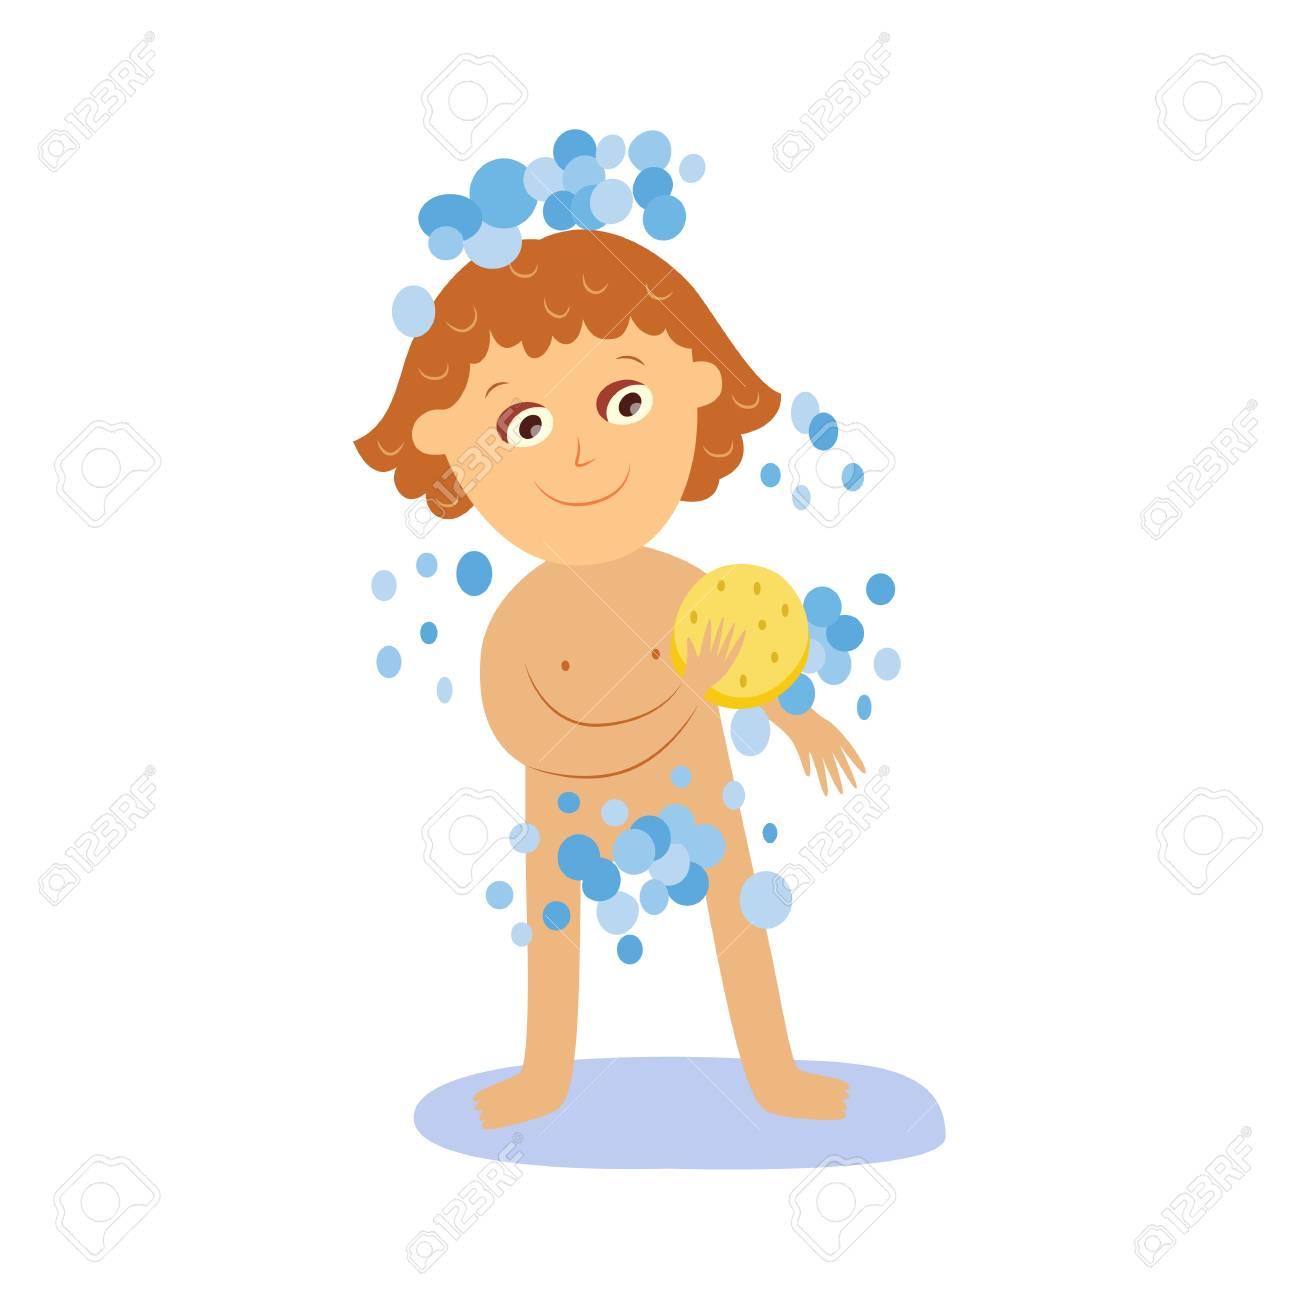 fille de vecteur de lavage de savon se mousser avec une eponge jaune souriant dessin anime caractere feminin illustration isolee sur fond blanc